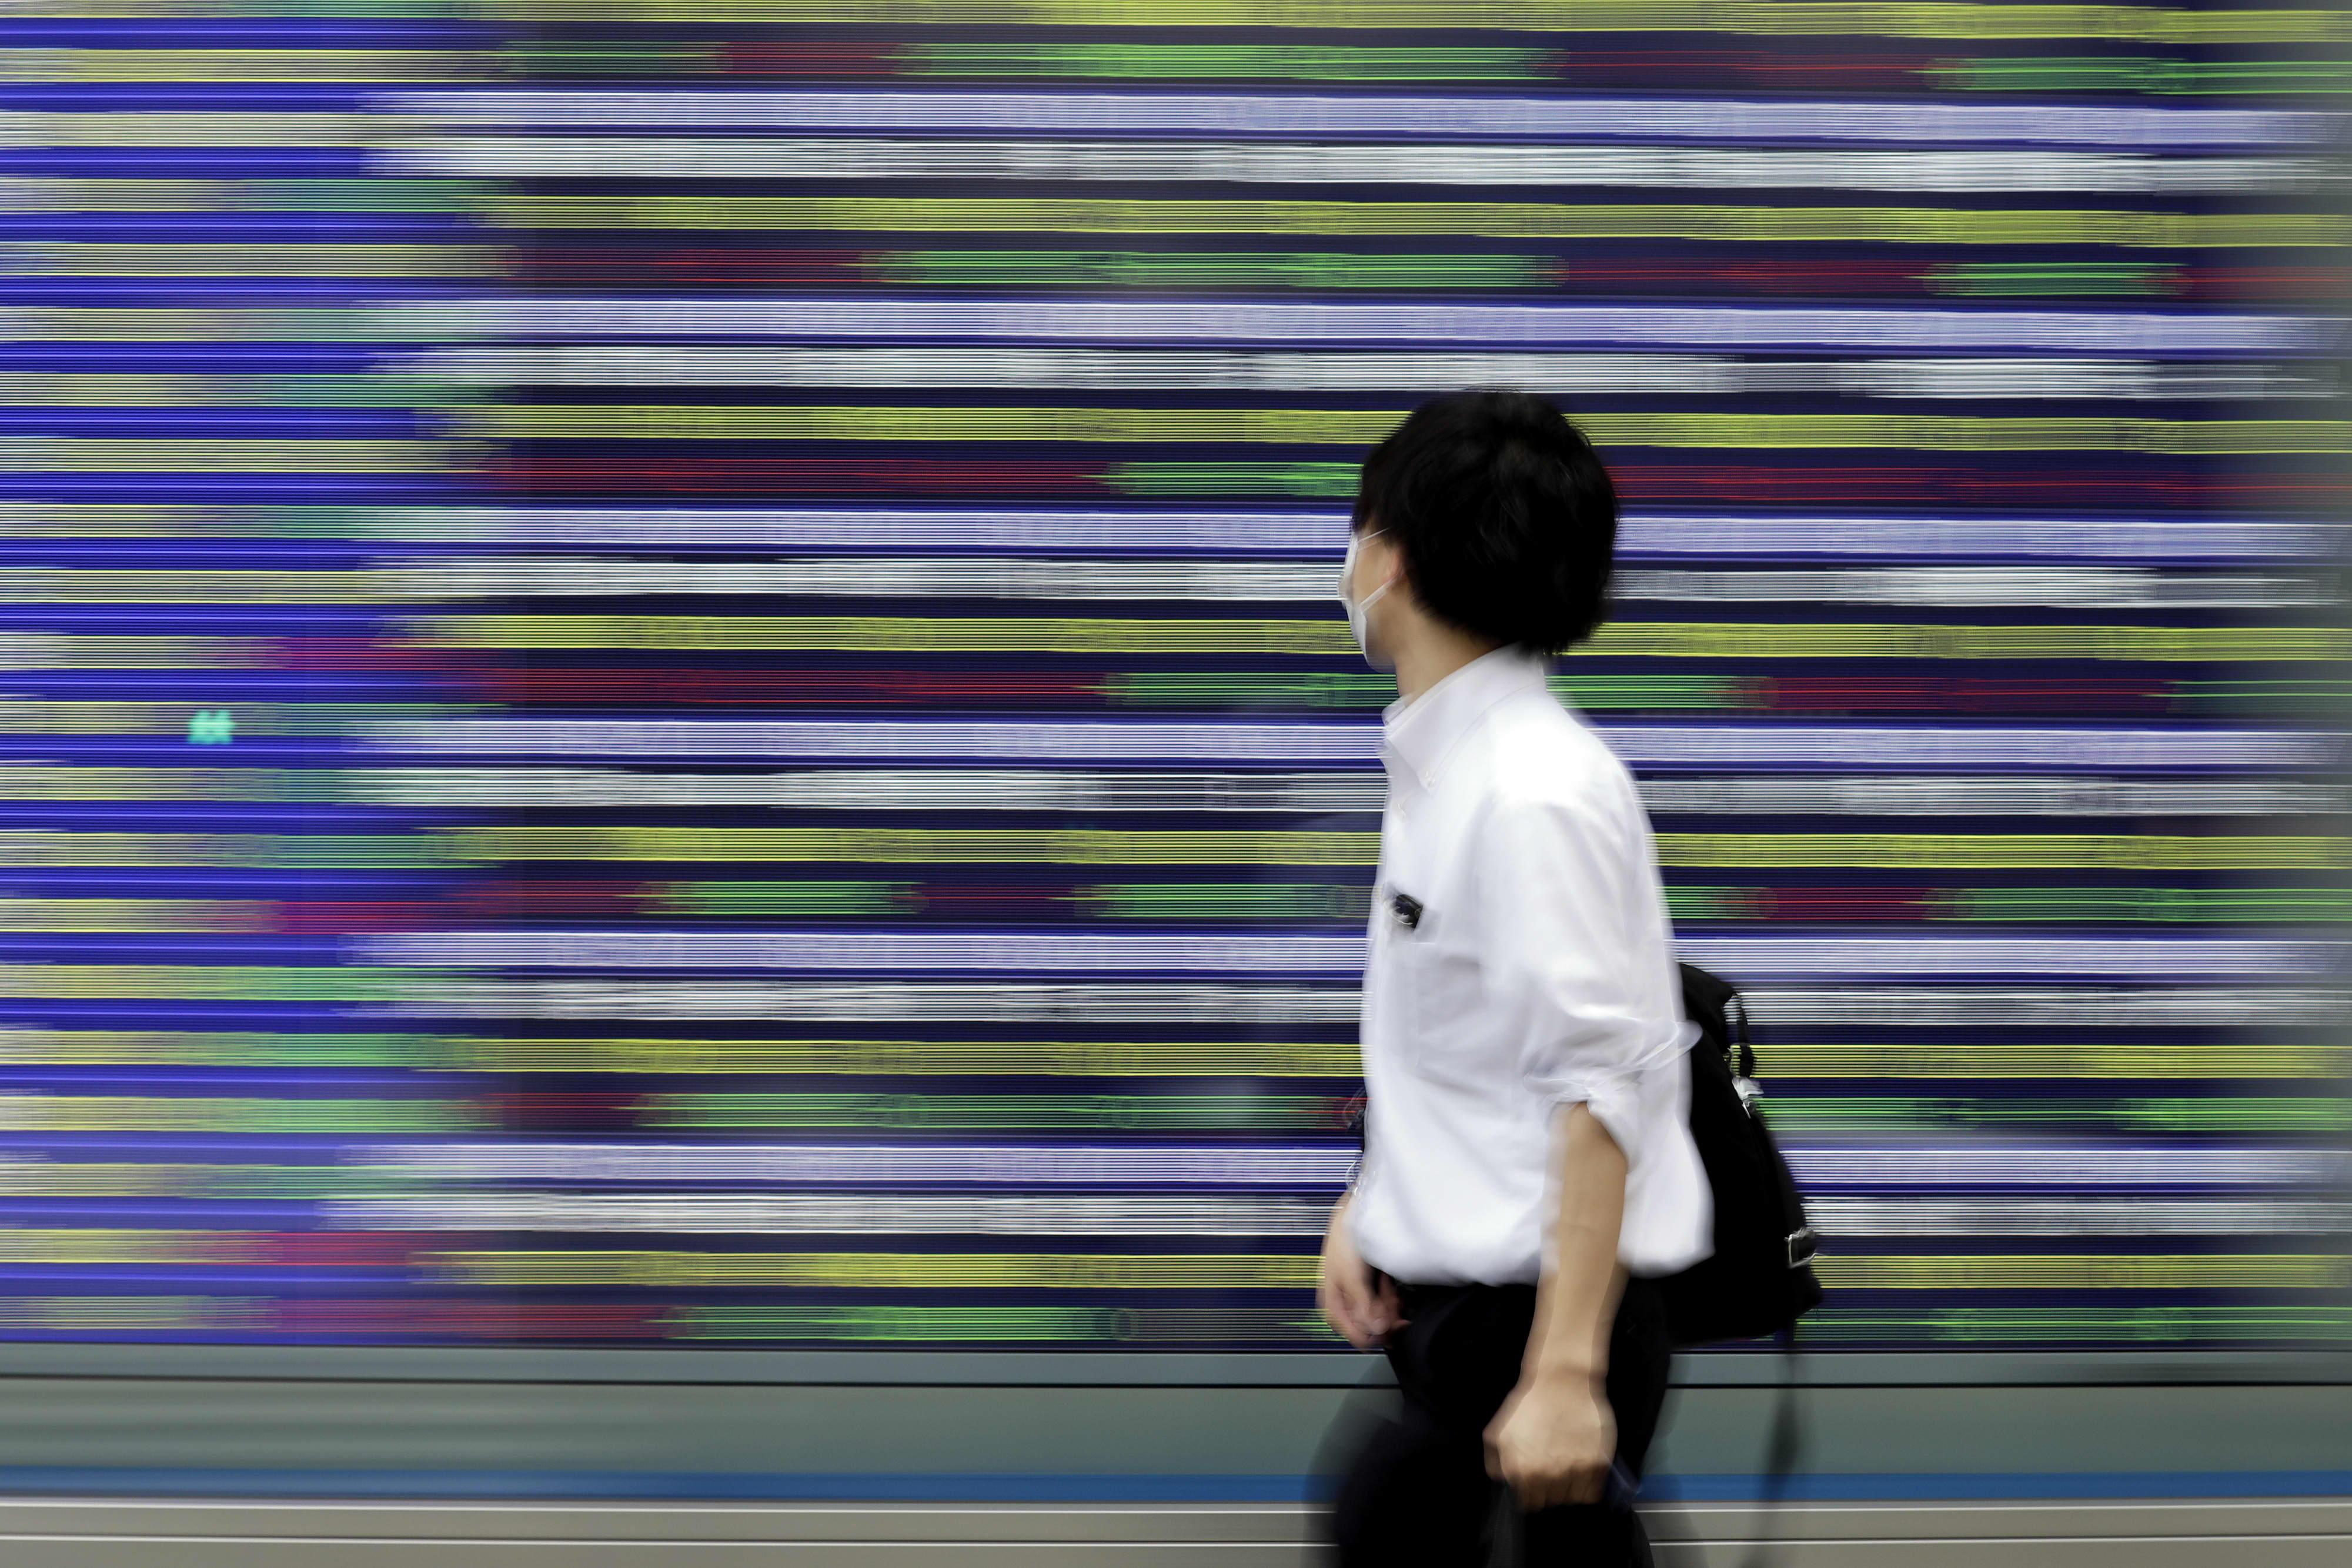 Trung Quốc điều chỉnh giảm GDP 2019, chứng khoán châu Á trái chiều